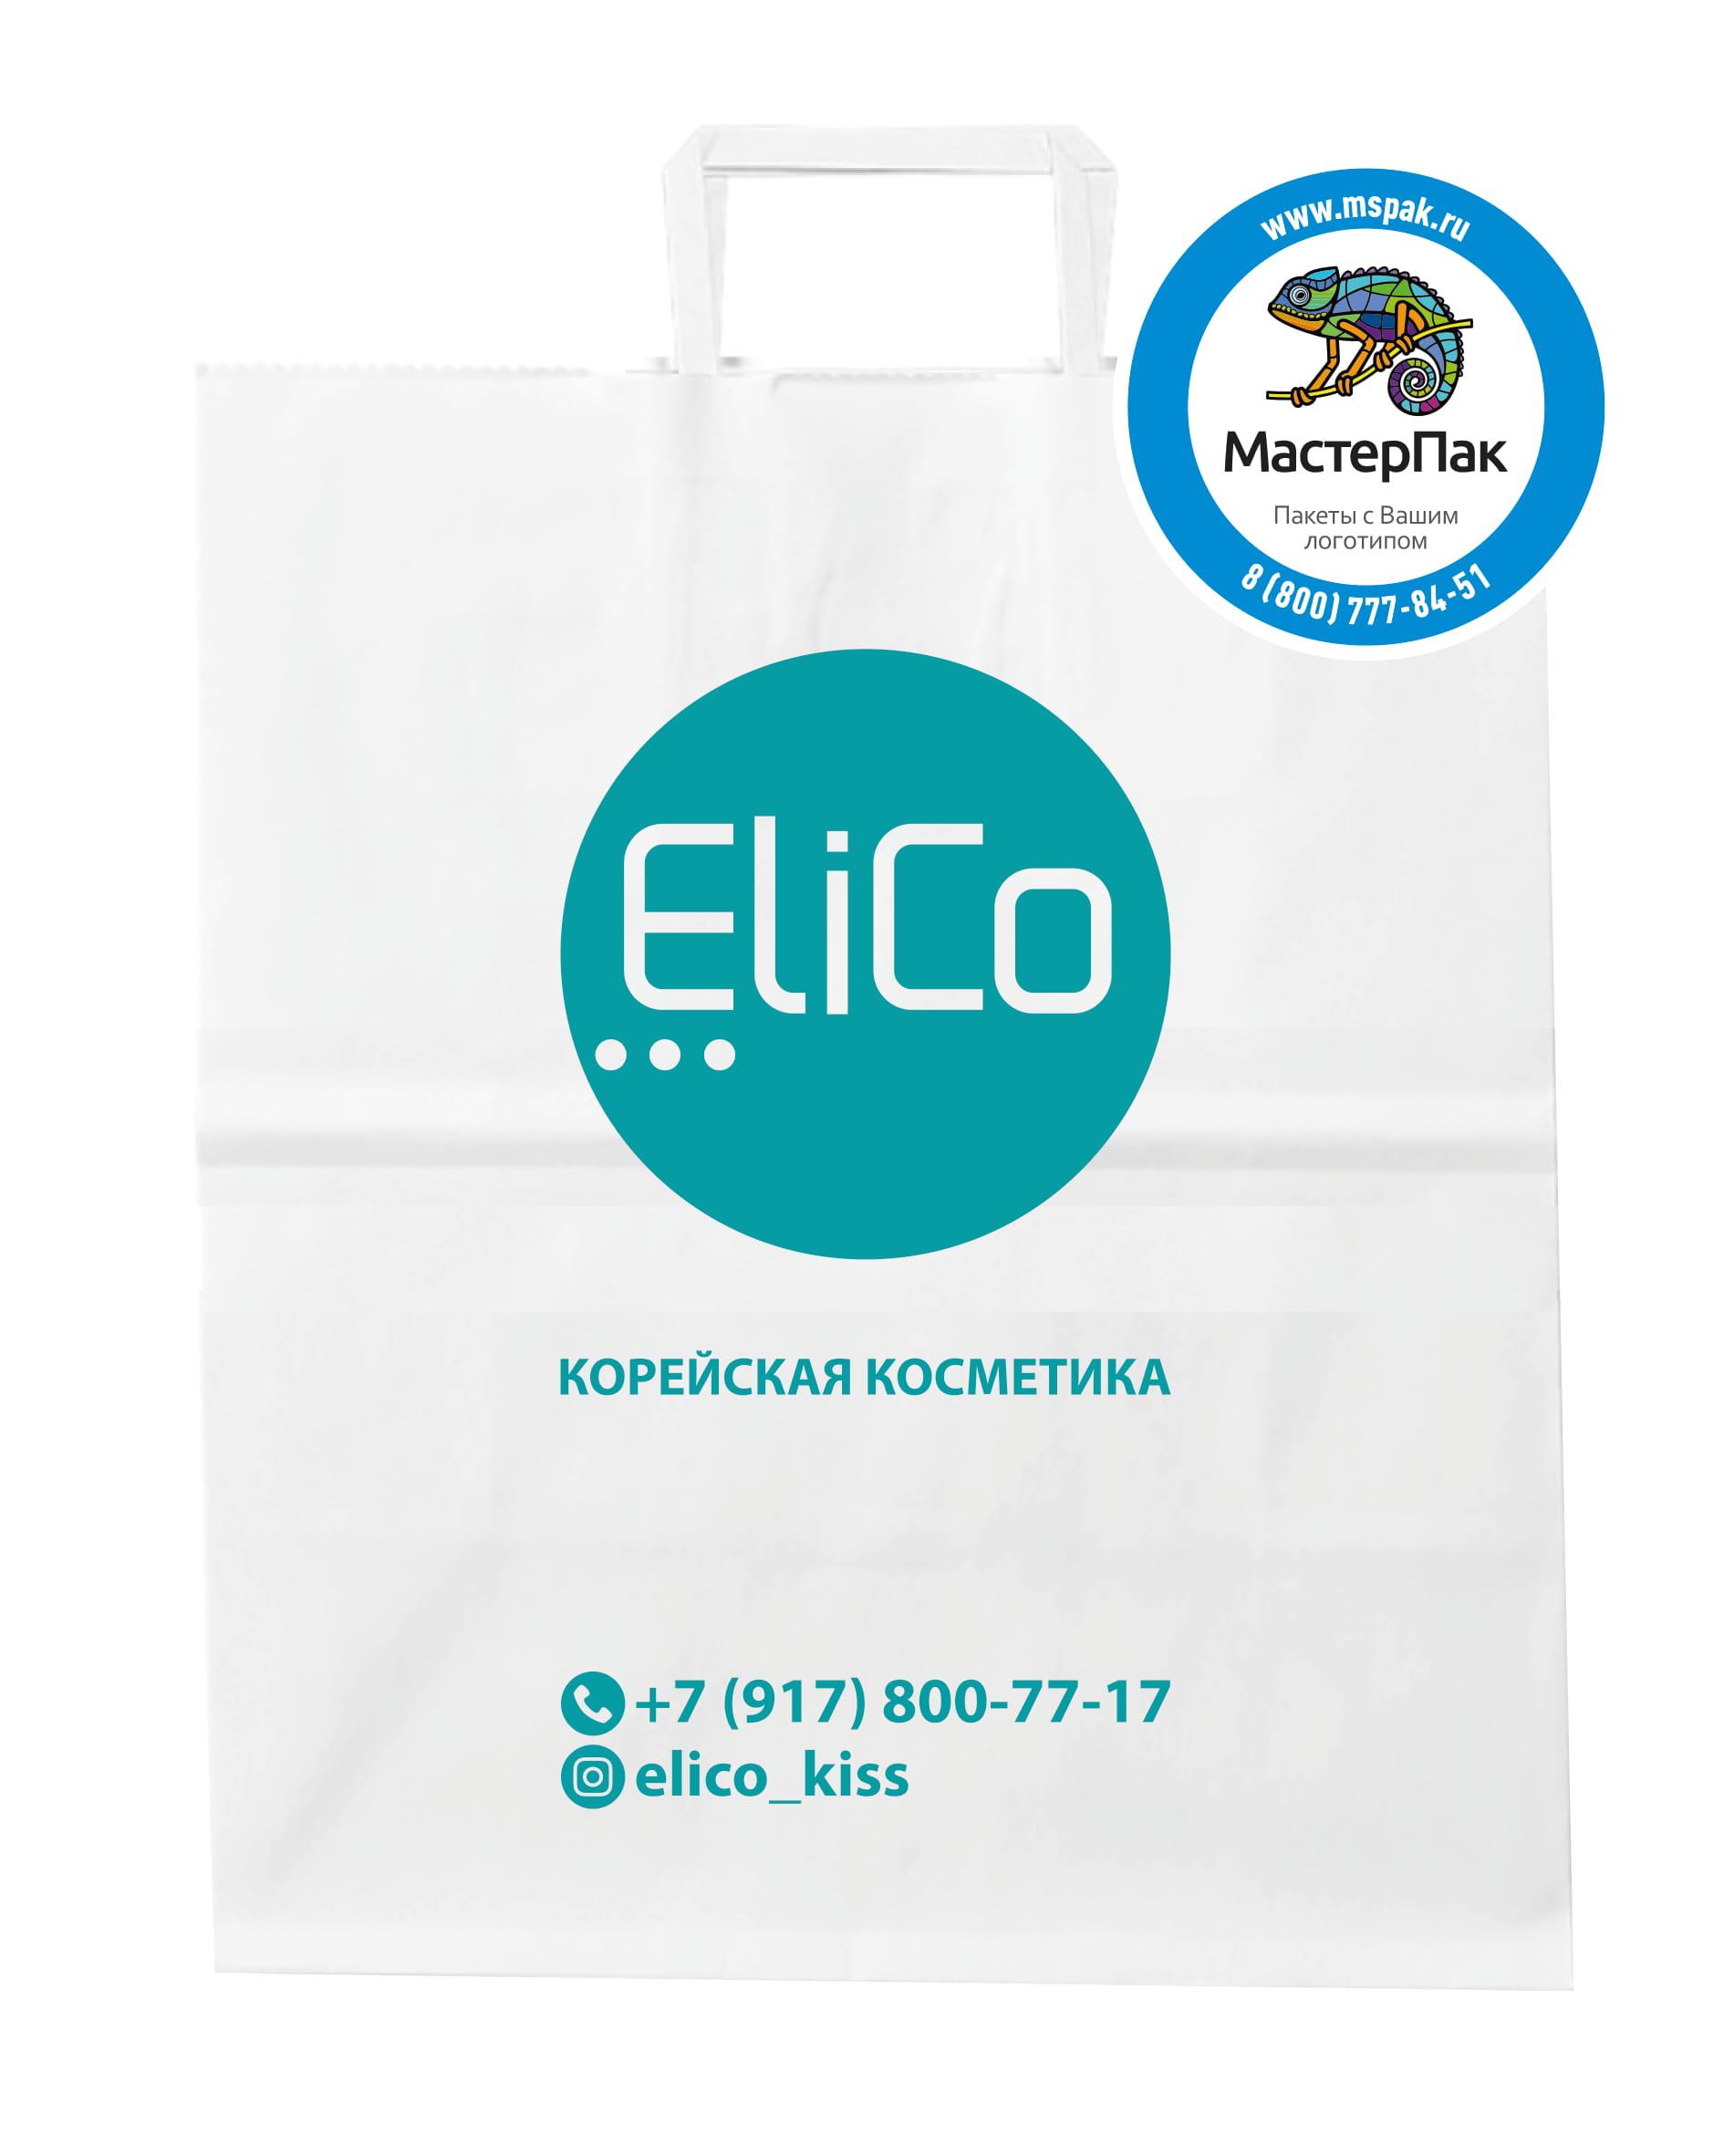 Пакет крафт с плоскими ручками и логотипом Elico, Екатеринбург